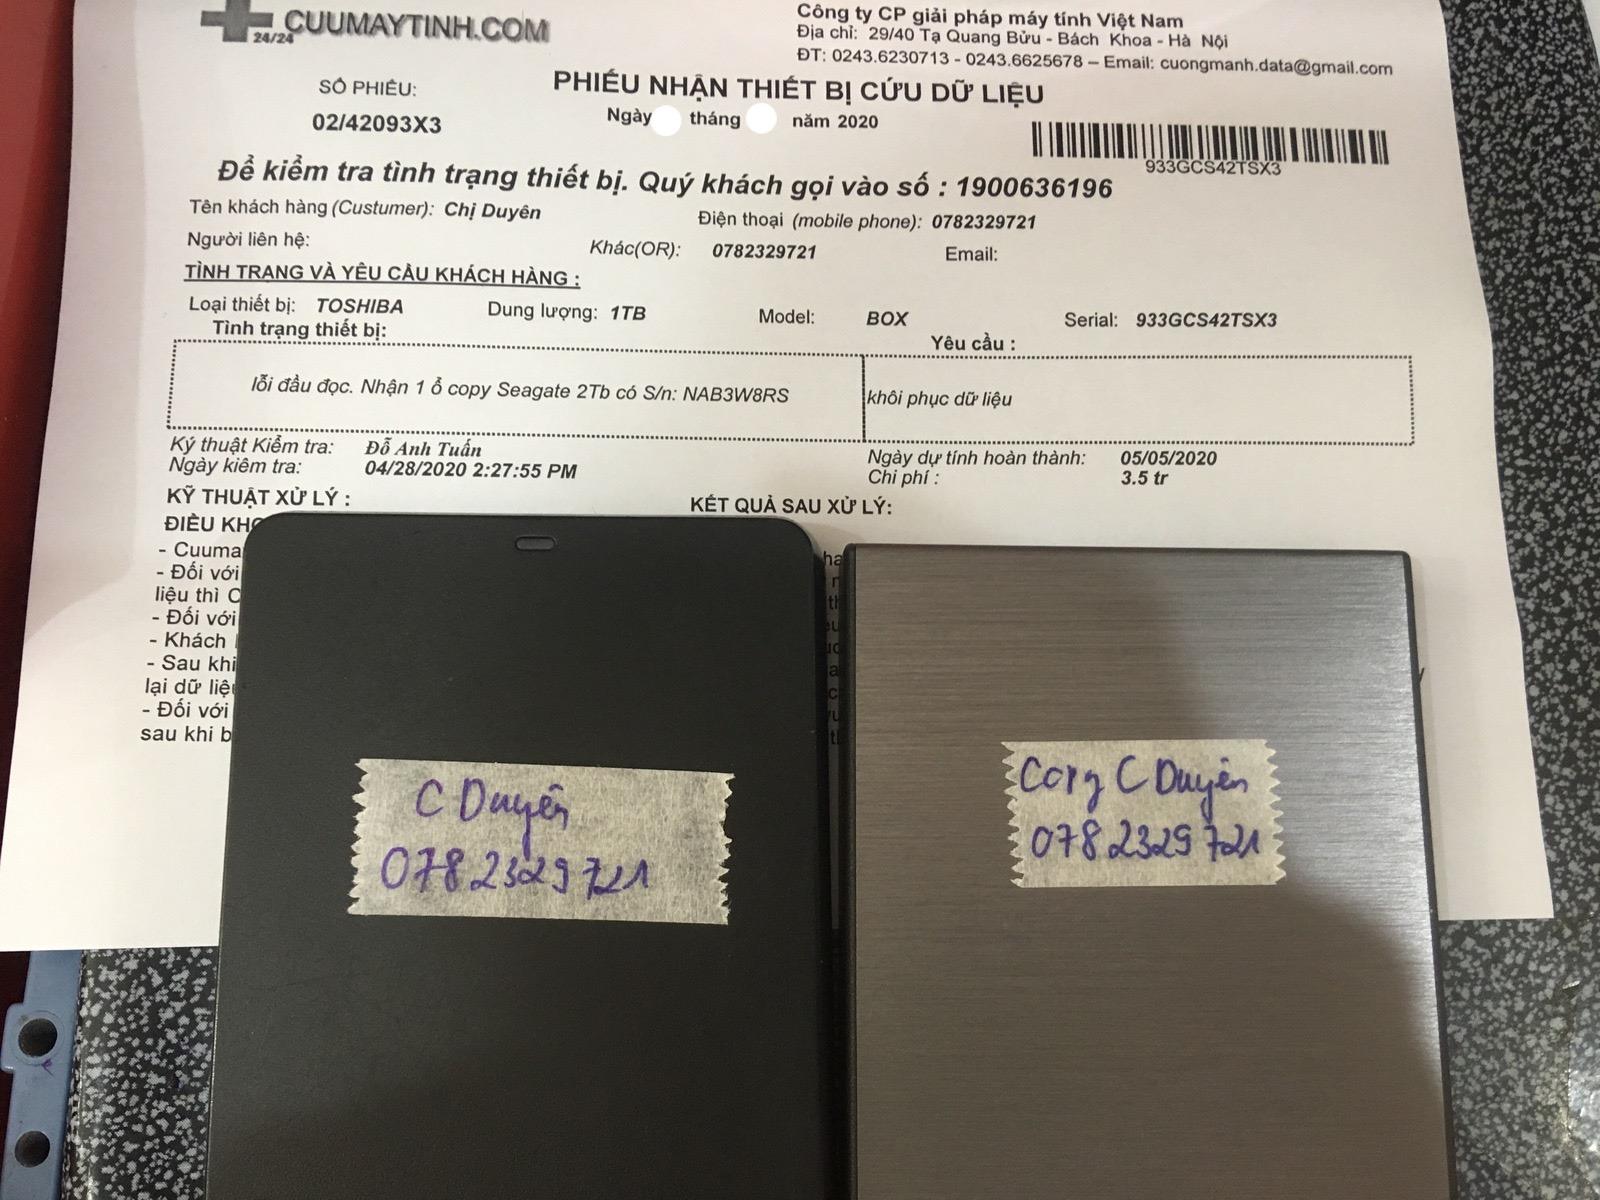 Phục hồi dữ liệu ổ cứng Toshiba 1TB lỗi đầu đọc 08/05/2020 - cuumaytinh